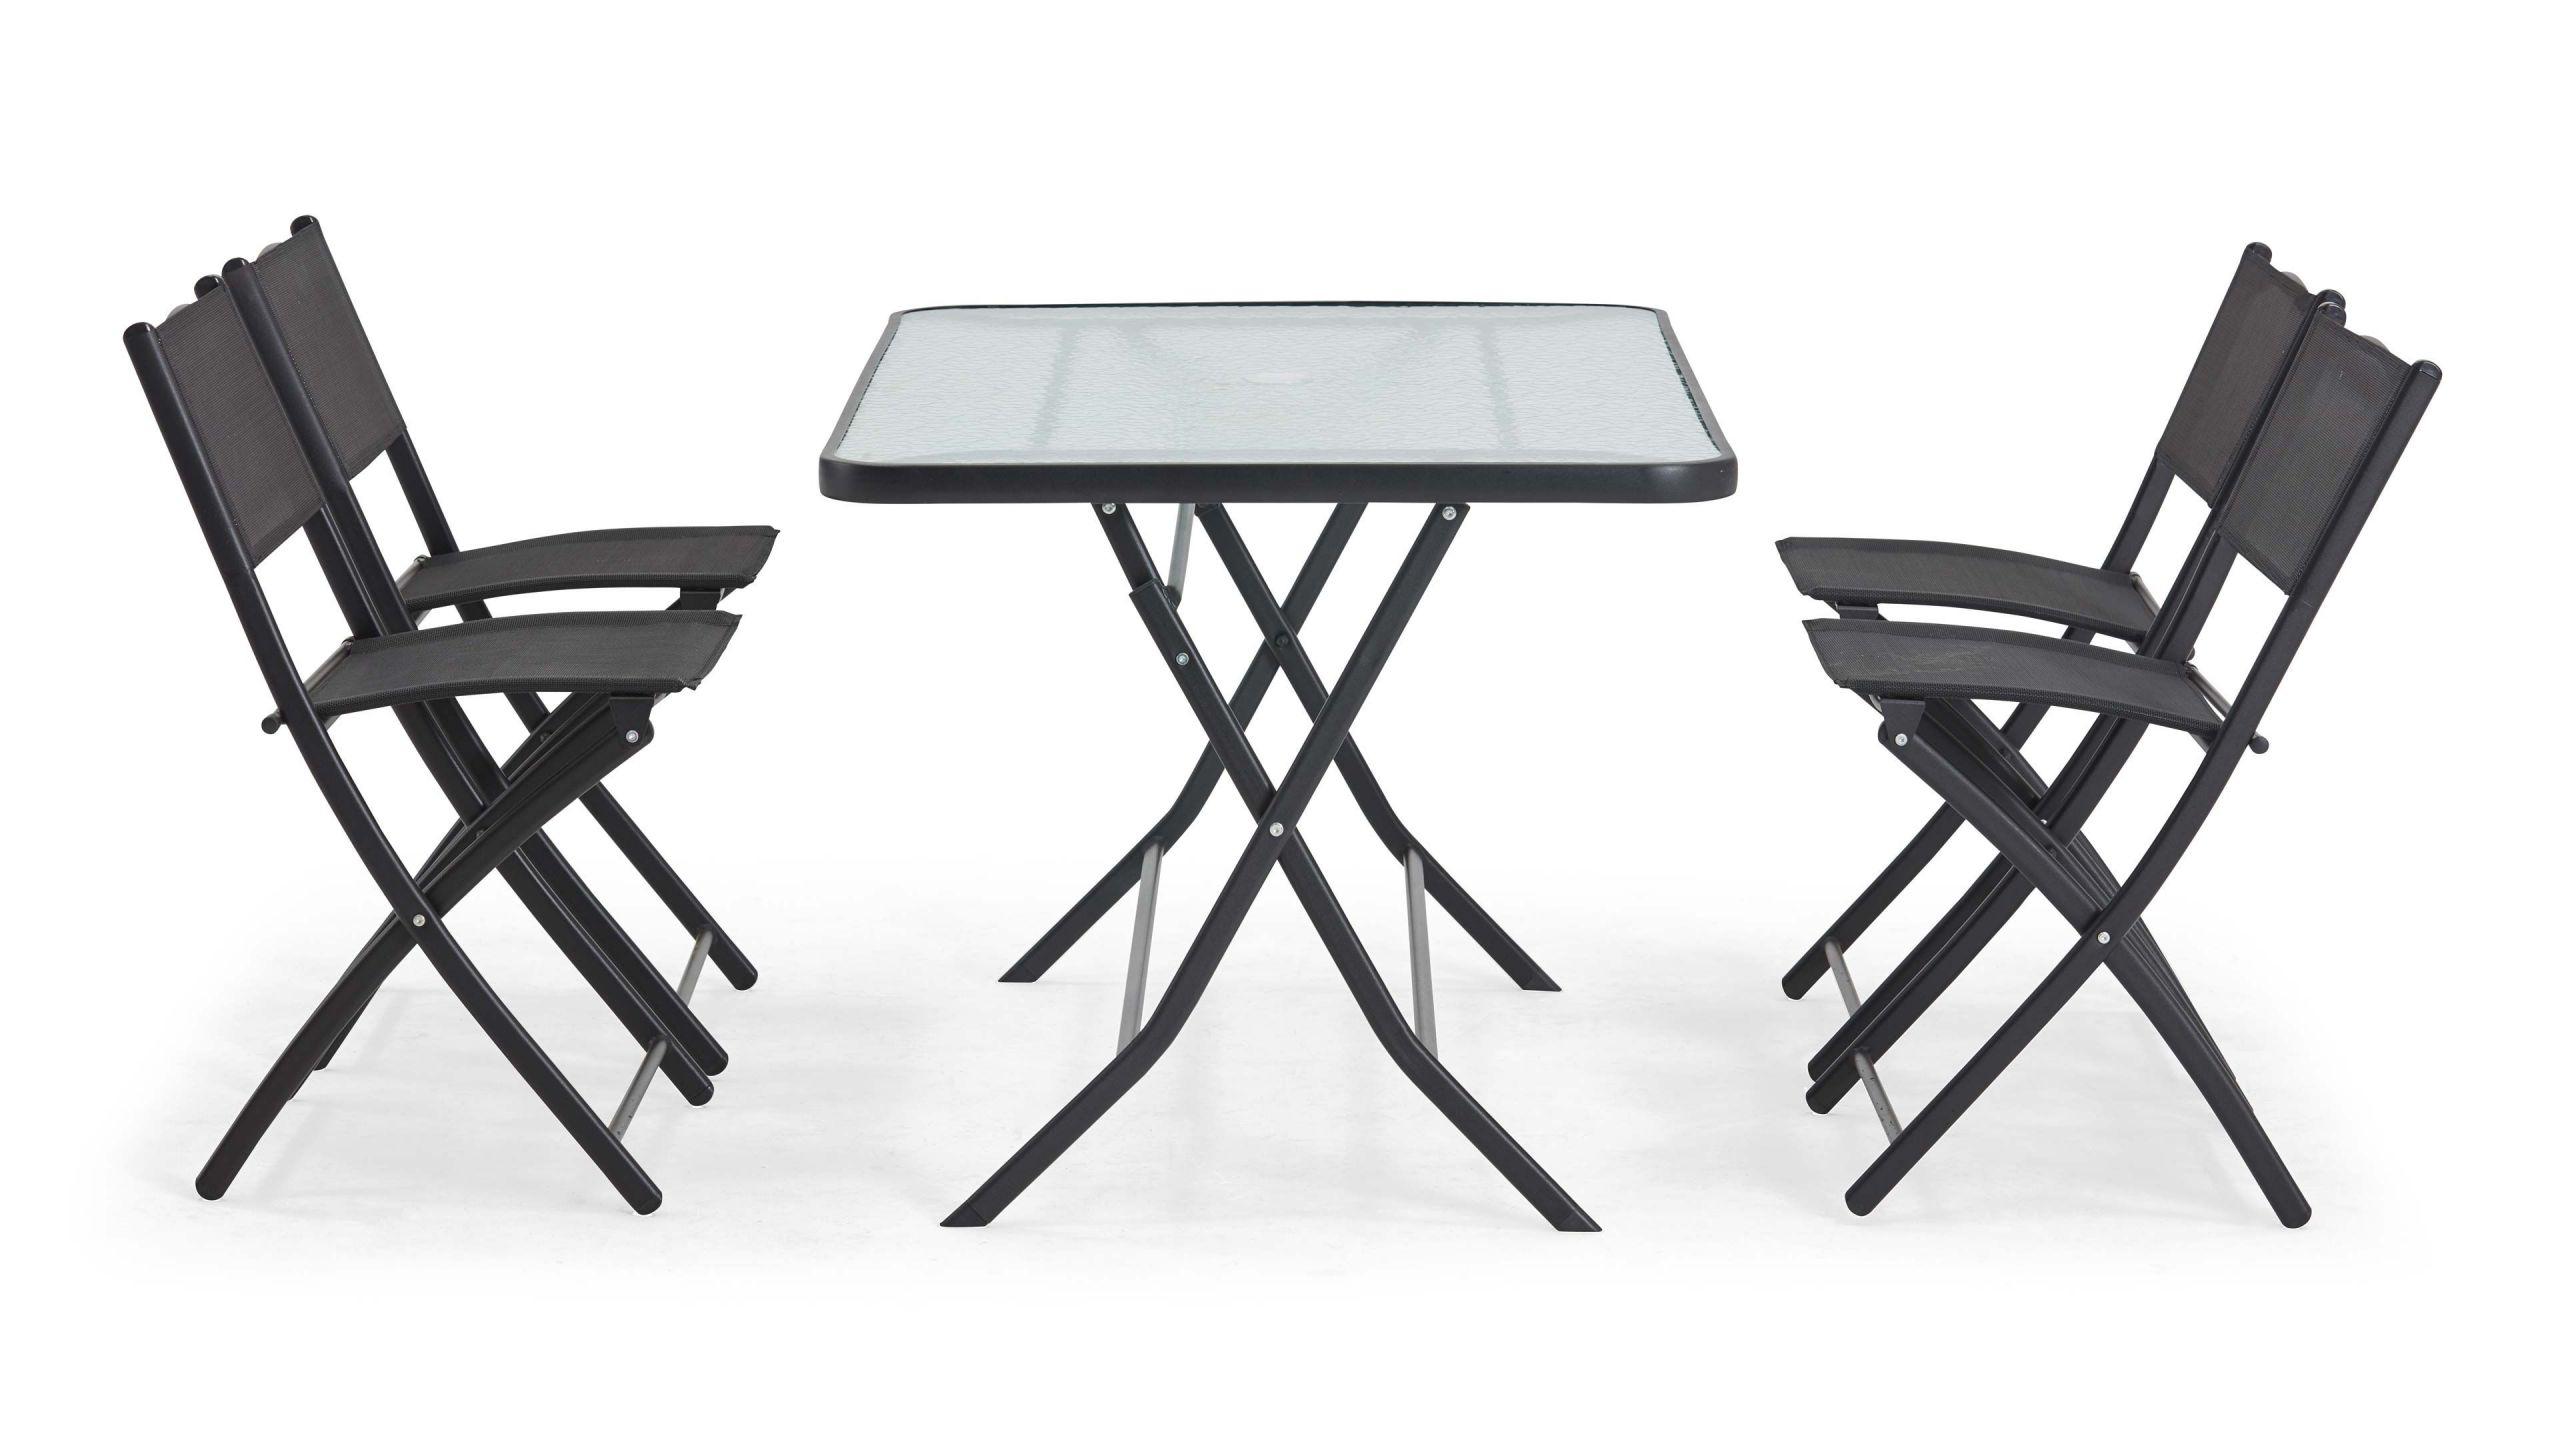 Table De Jardin Extensible Frais Table Et Chaise Pliante ... concernant Table De Jardin Metal Pliante